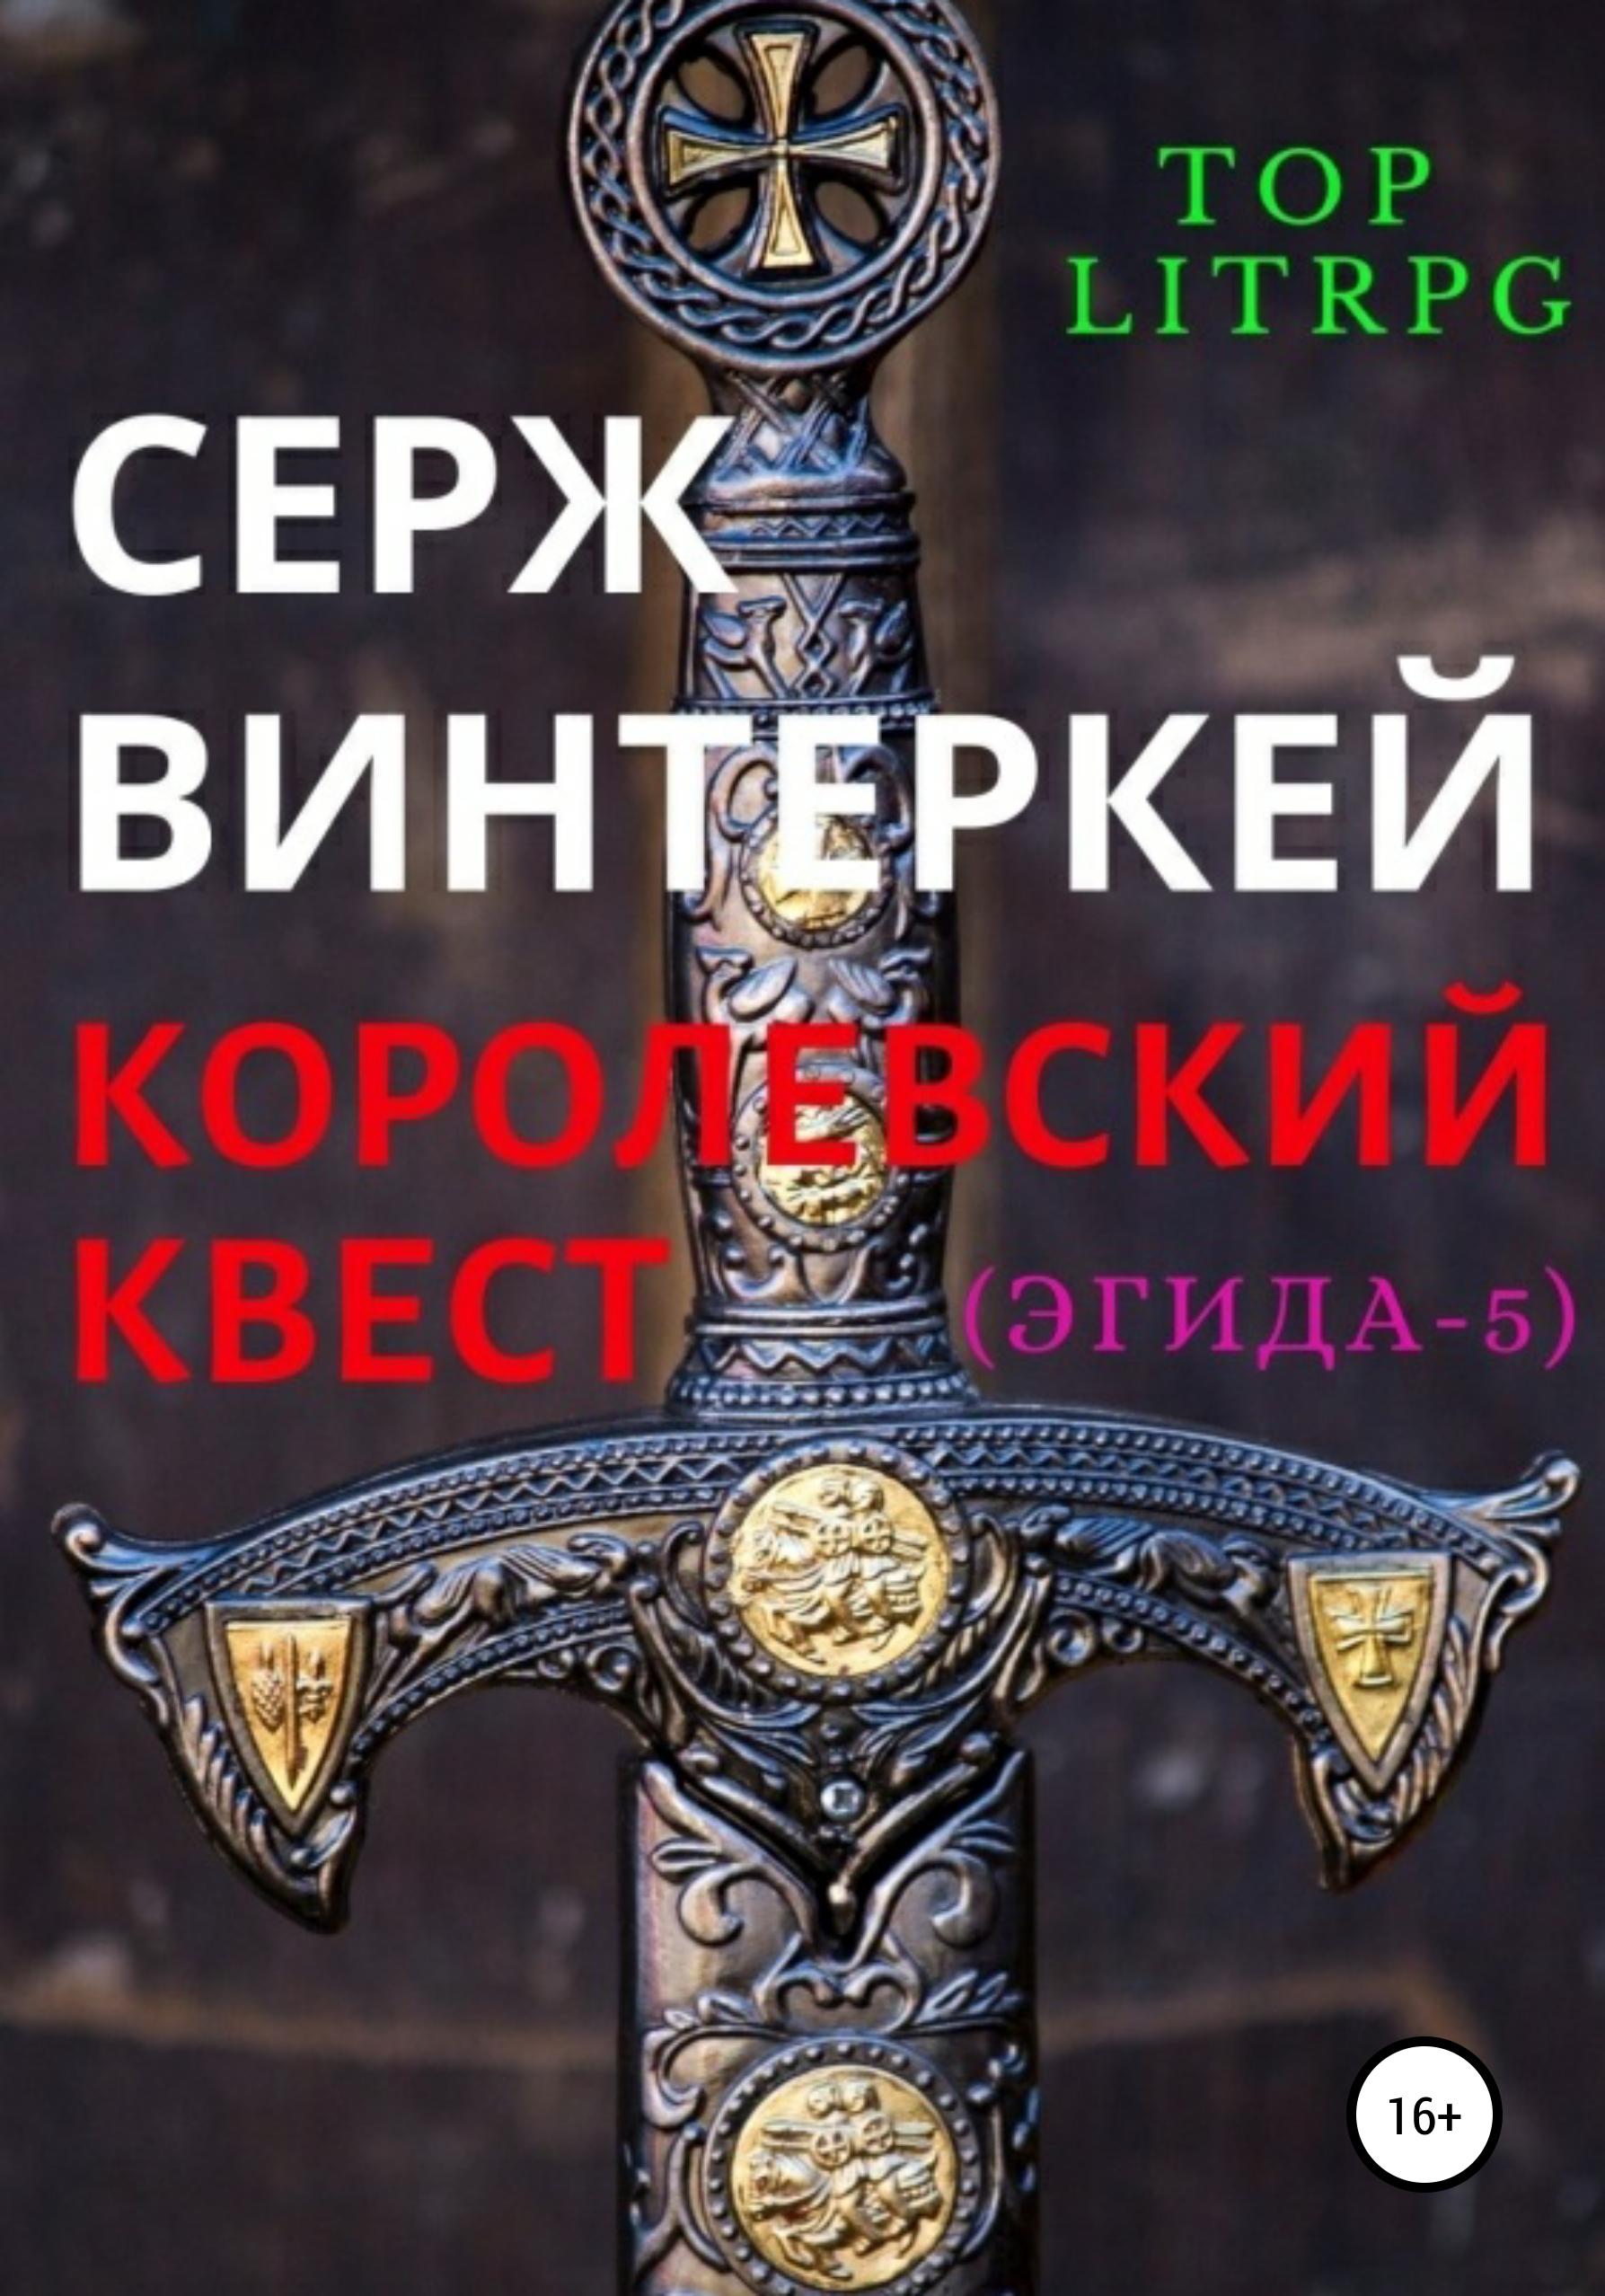 Купить книгу Королевский квест, автора Сержа Винтеркей